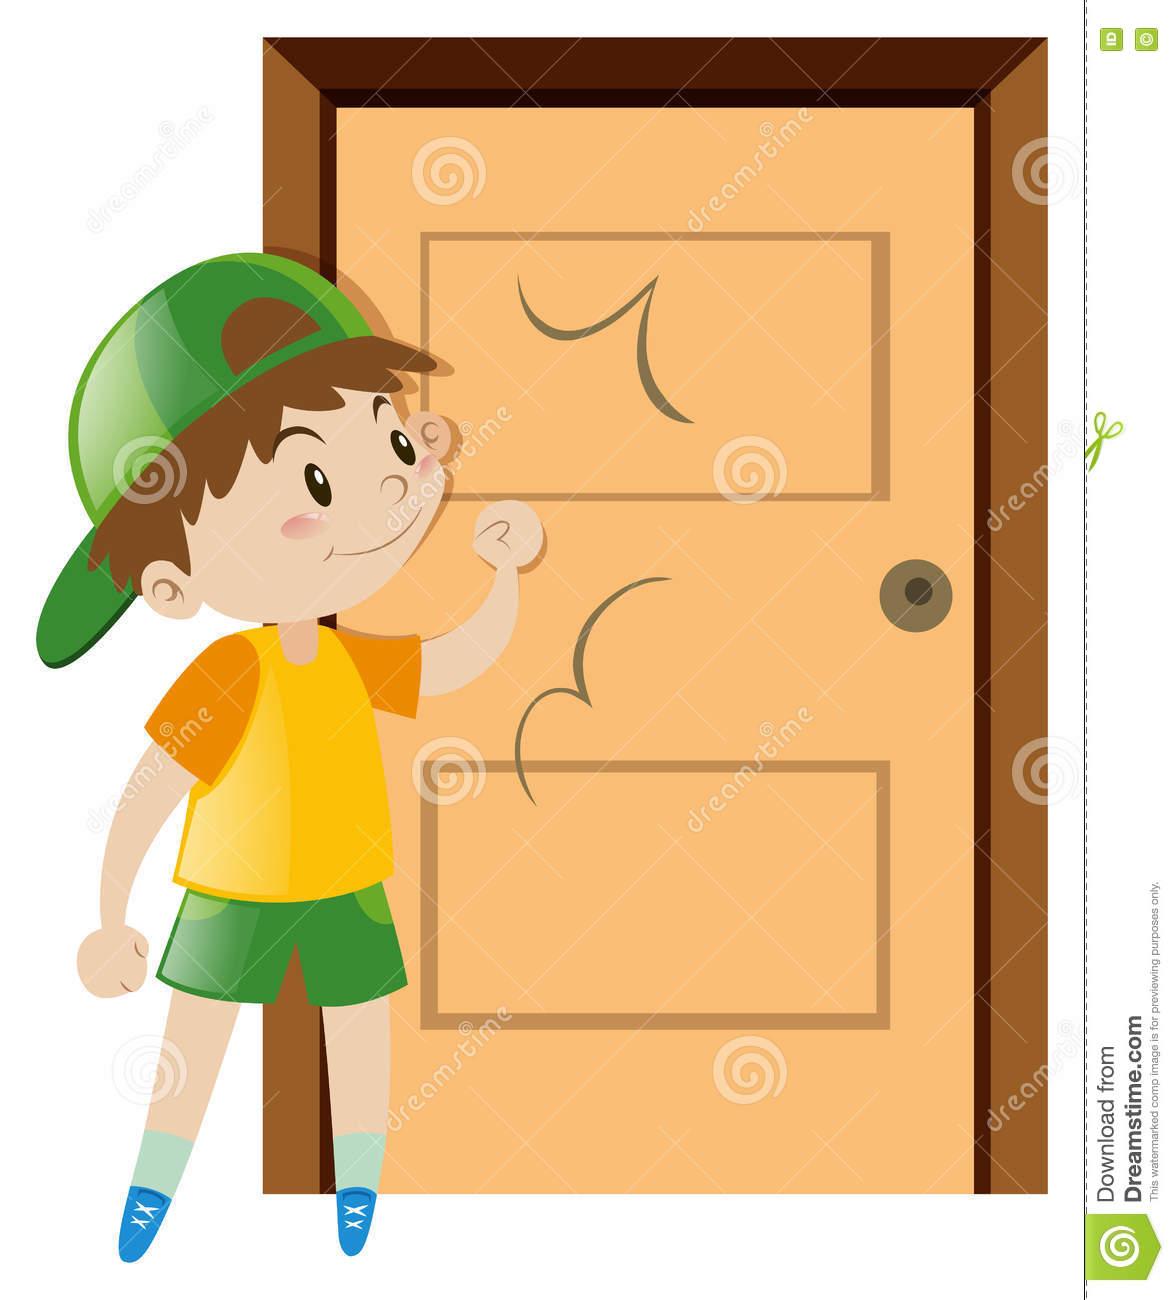 Child opening door clipart banner transparent library Door Open Cliparts | Free download best Door Open Cliparts on ... banner transparent library